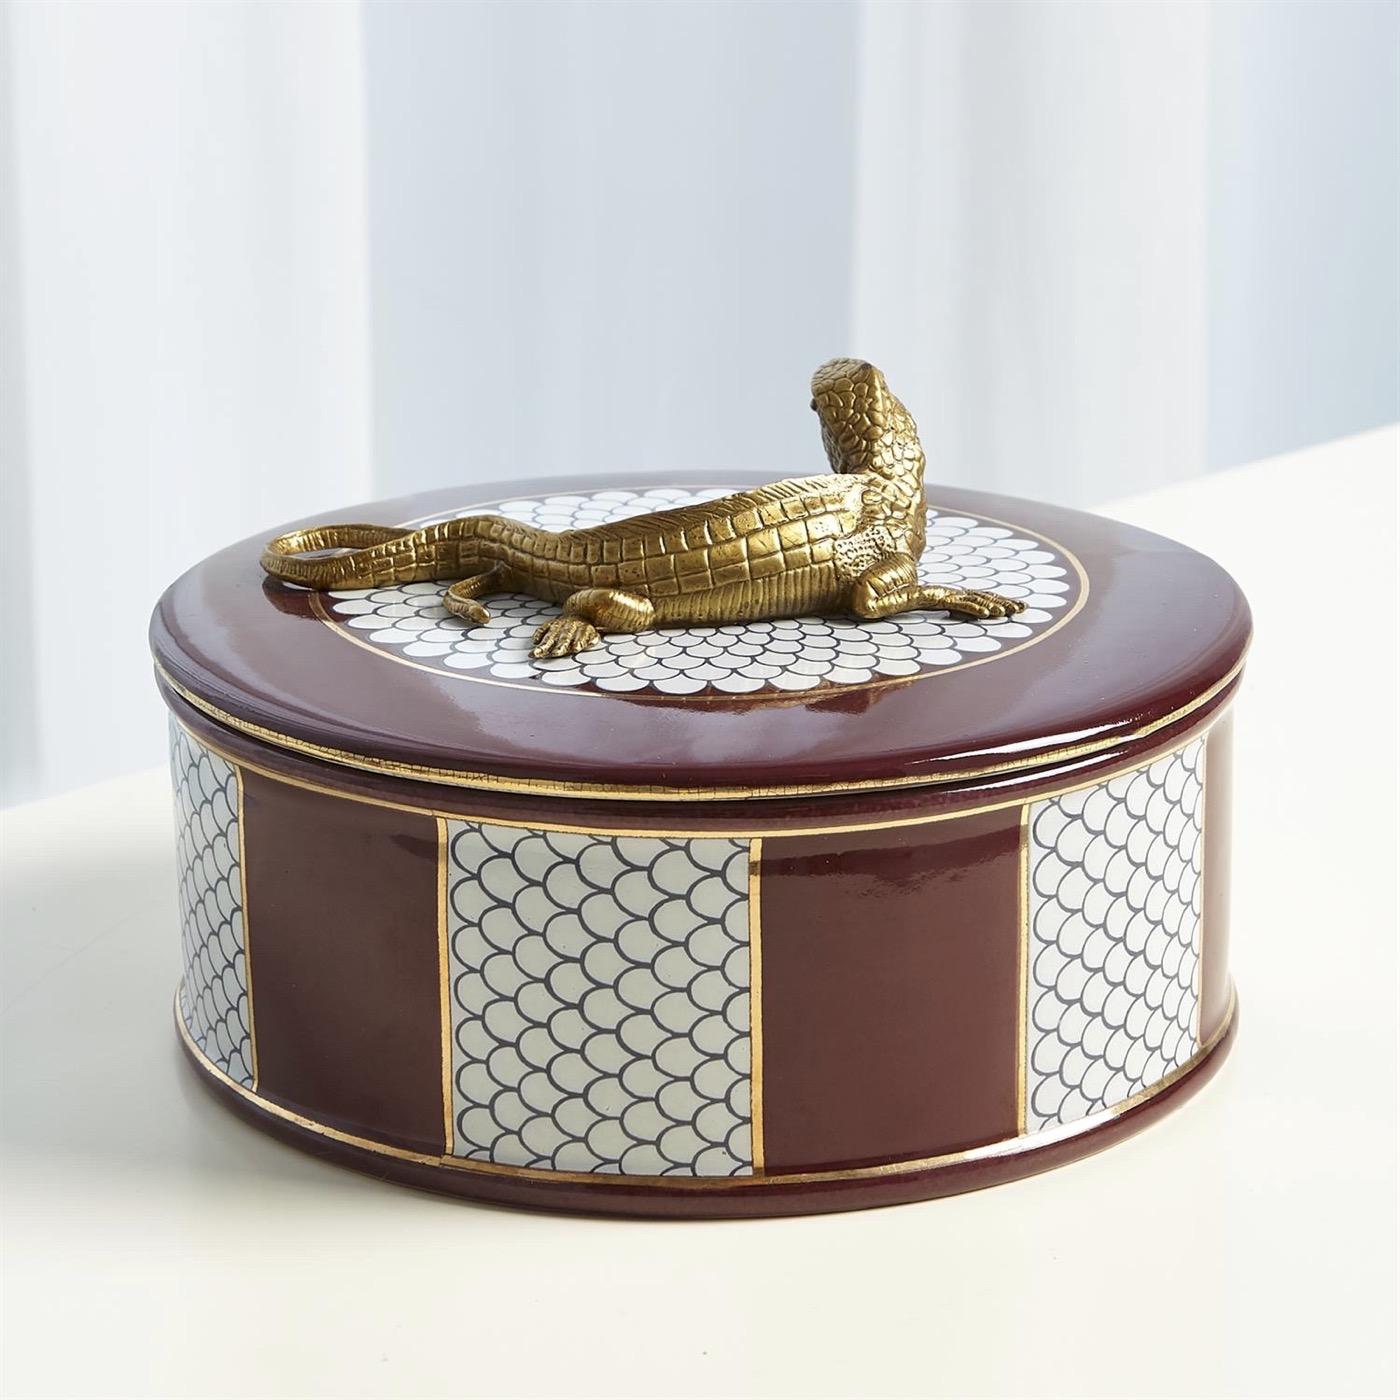 Reptilla Round Box